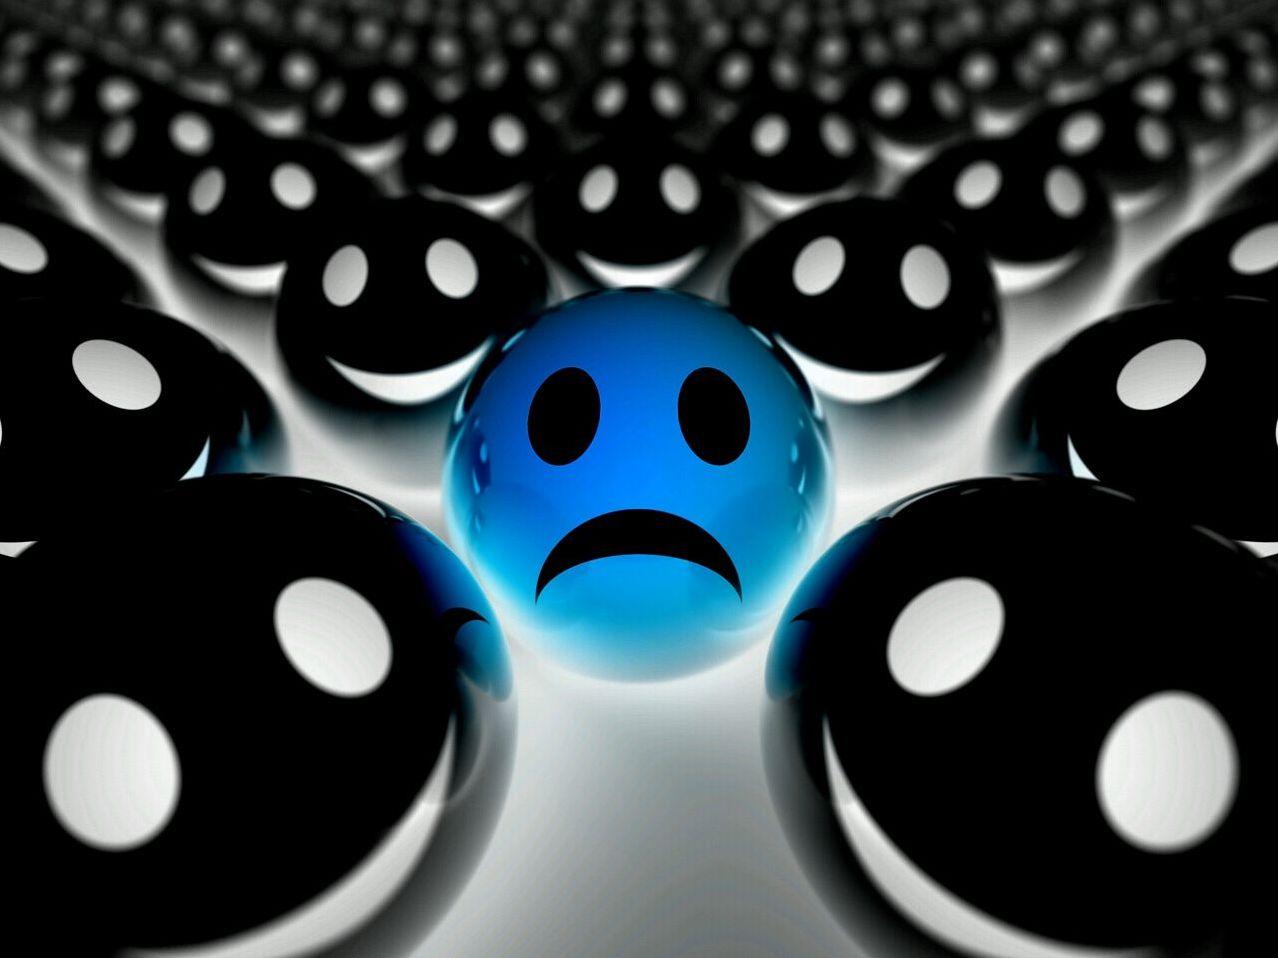 Cara Triste Y Cara Feliz